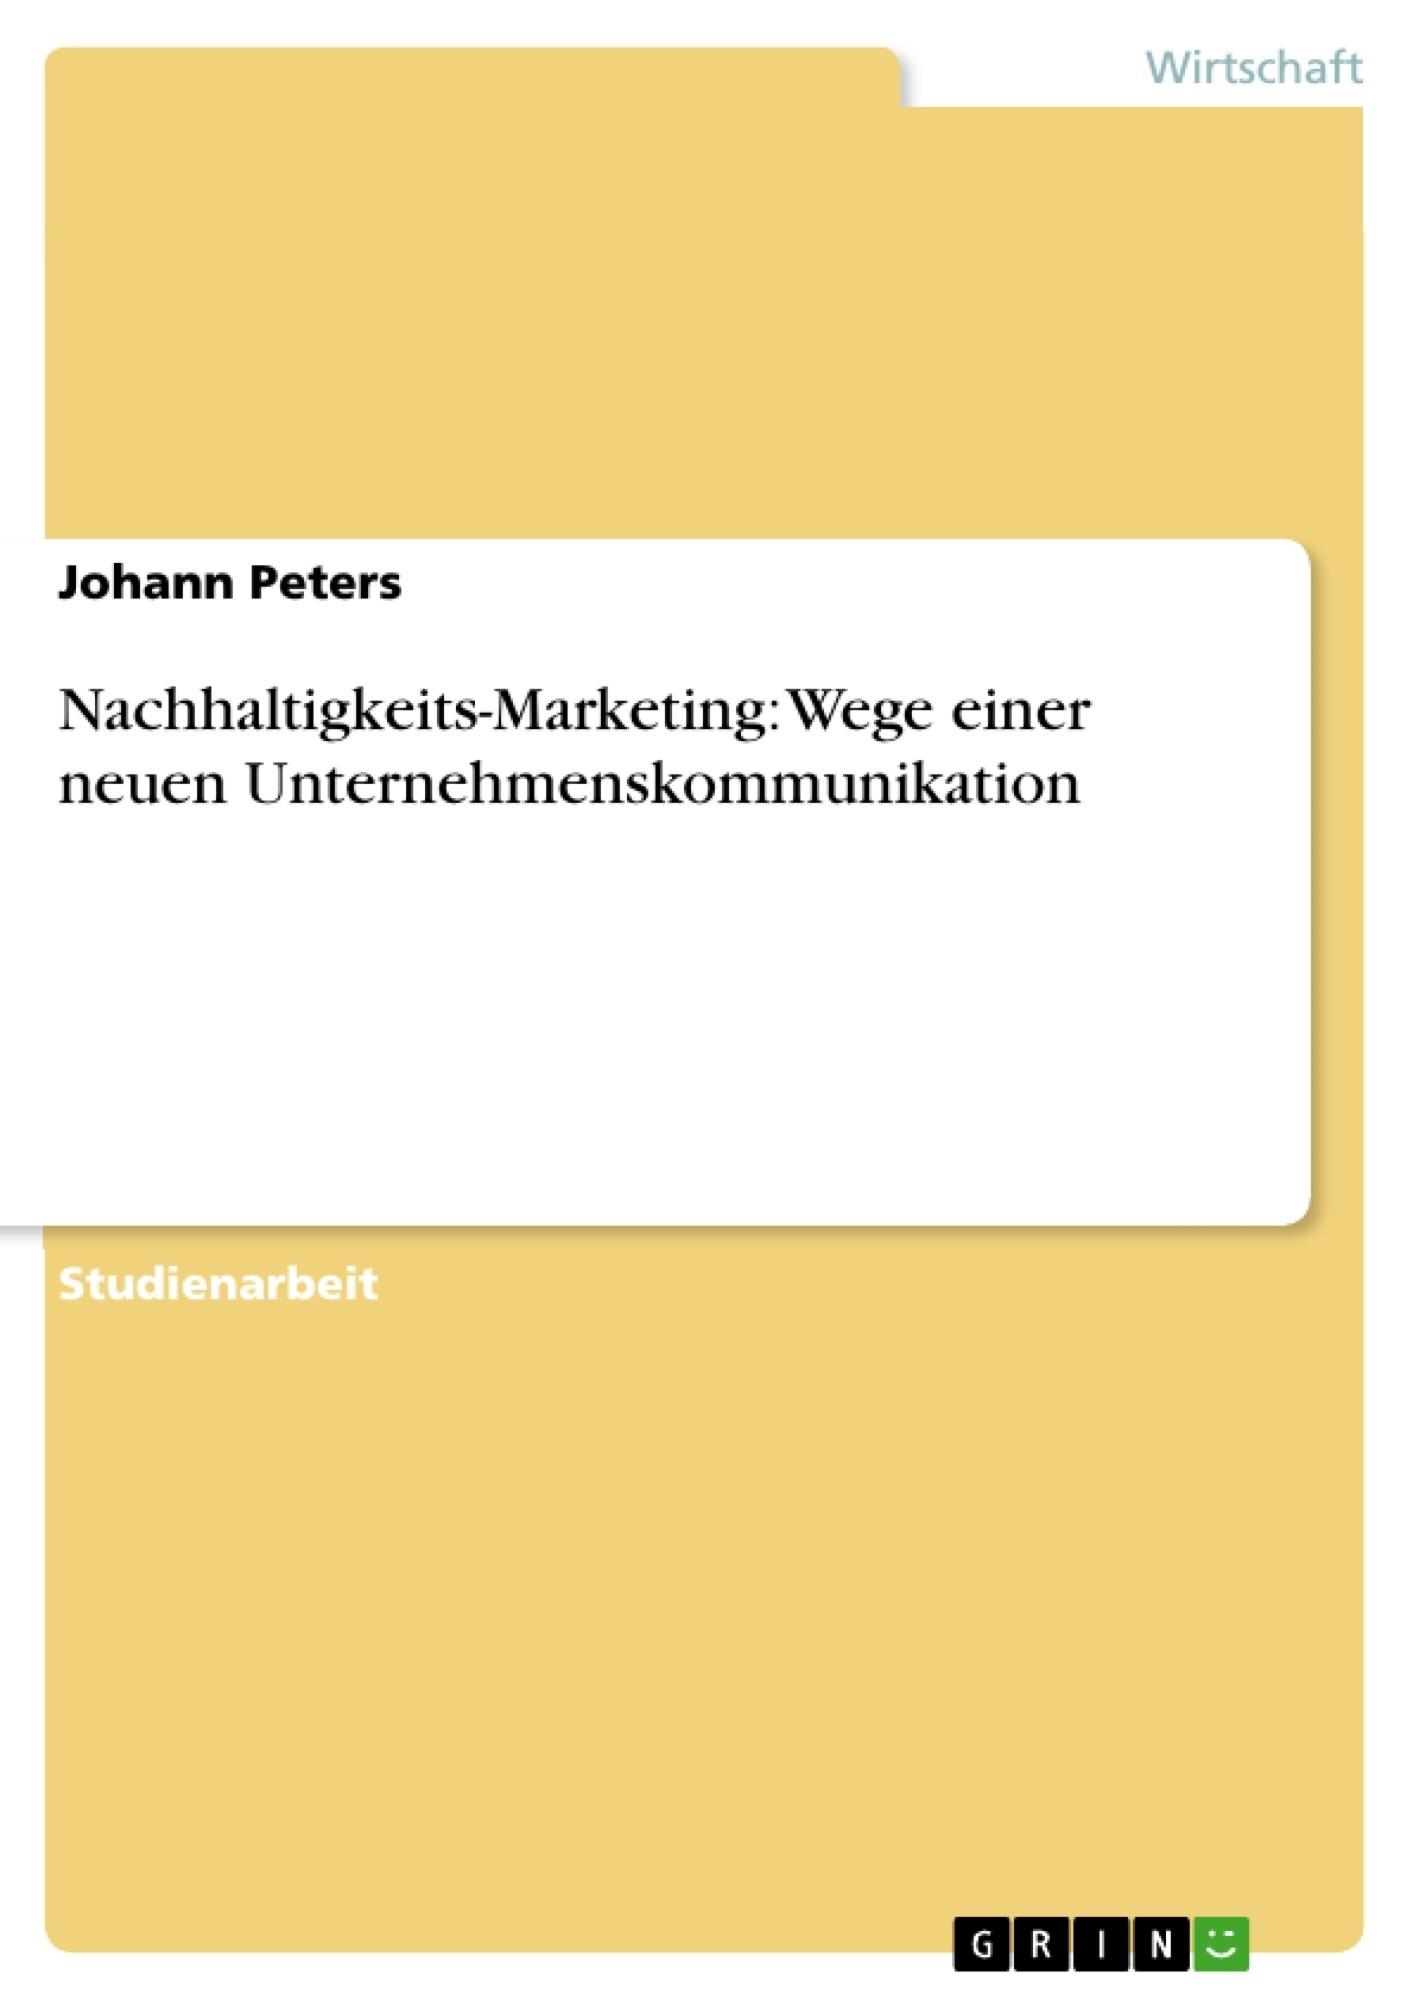 Titel: Nachhaltigkeits-Marketing: Wege einer neuen Unternehmenskommunikation